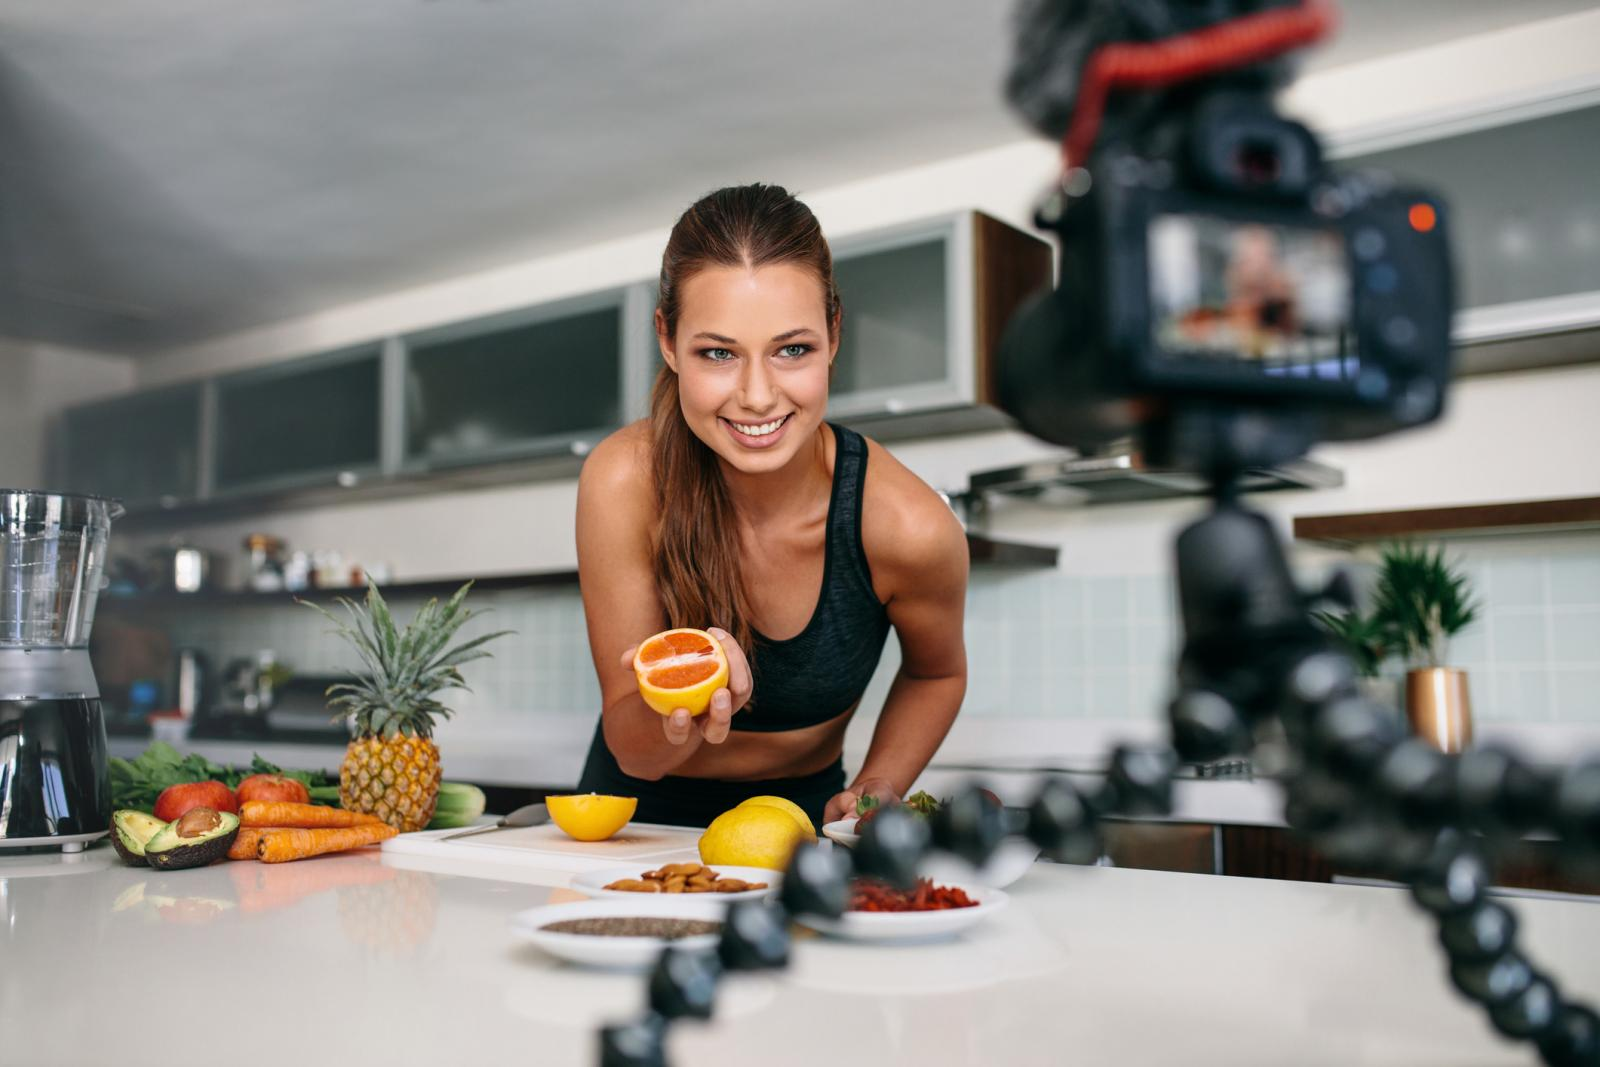 Pojam zdrava namirnica trebalo bi dobro rastumačiti. Ovi mitovi samo su jedan od dokaza... Pa nek se ona slika.